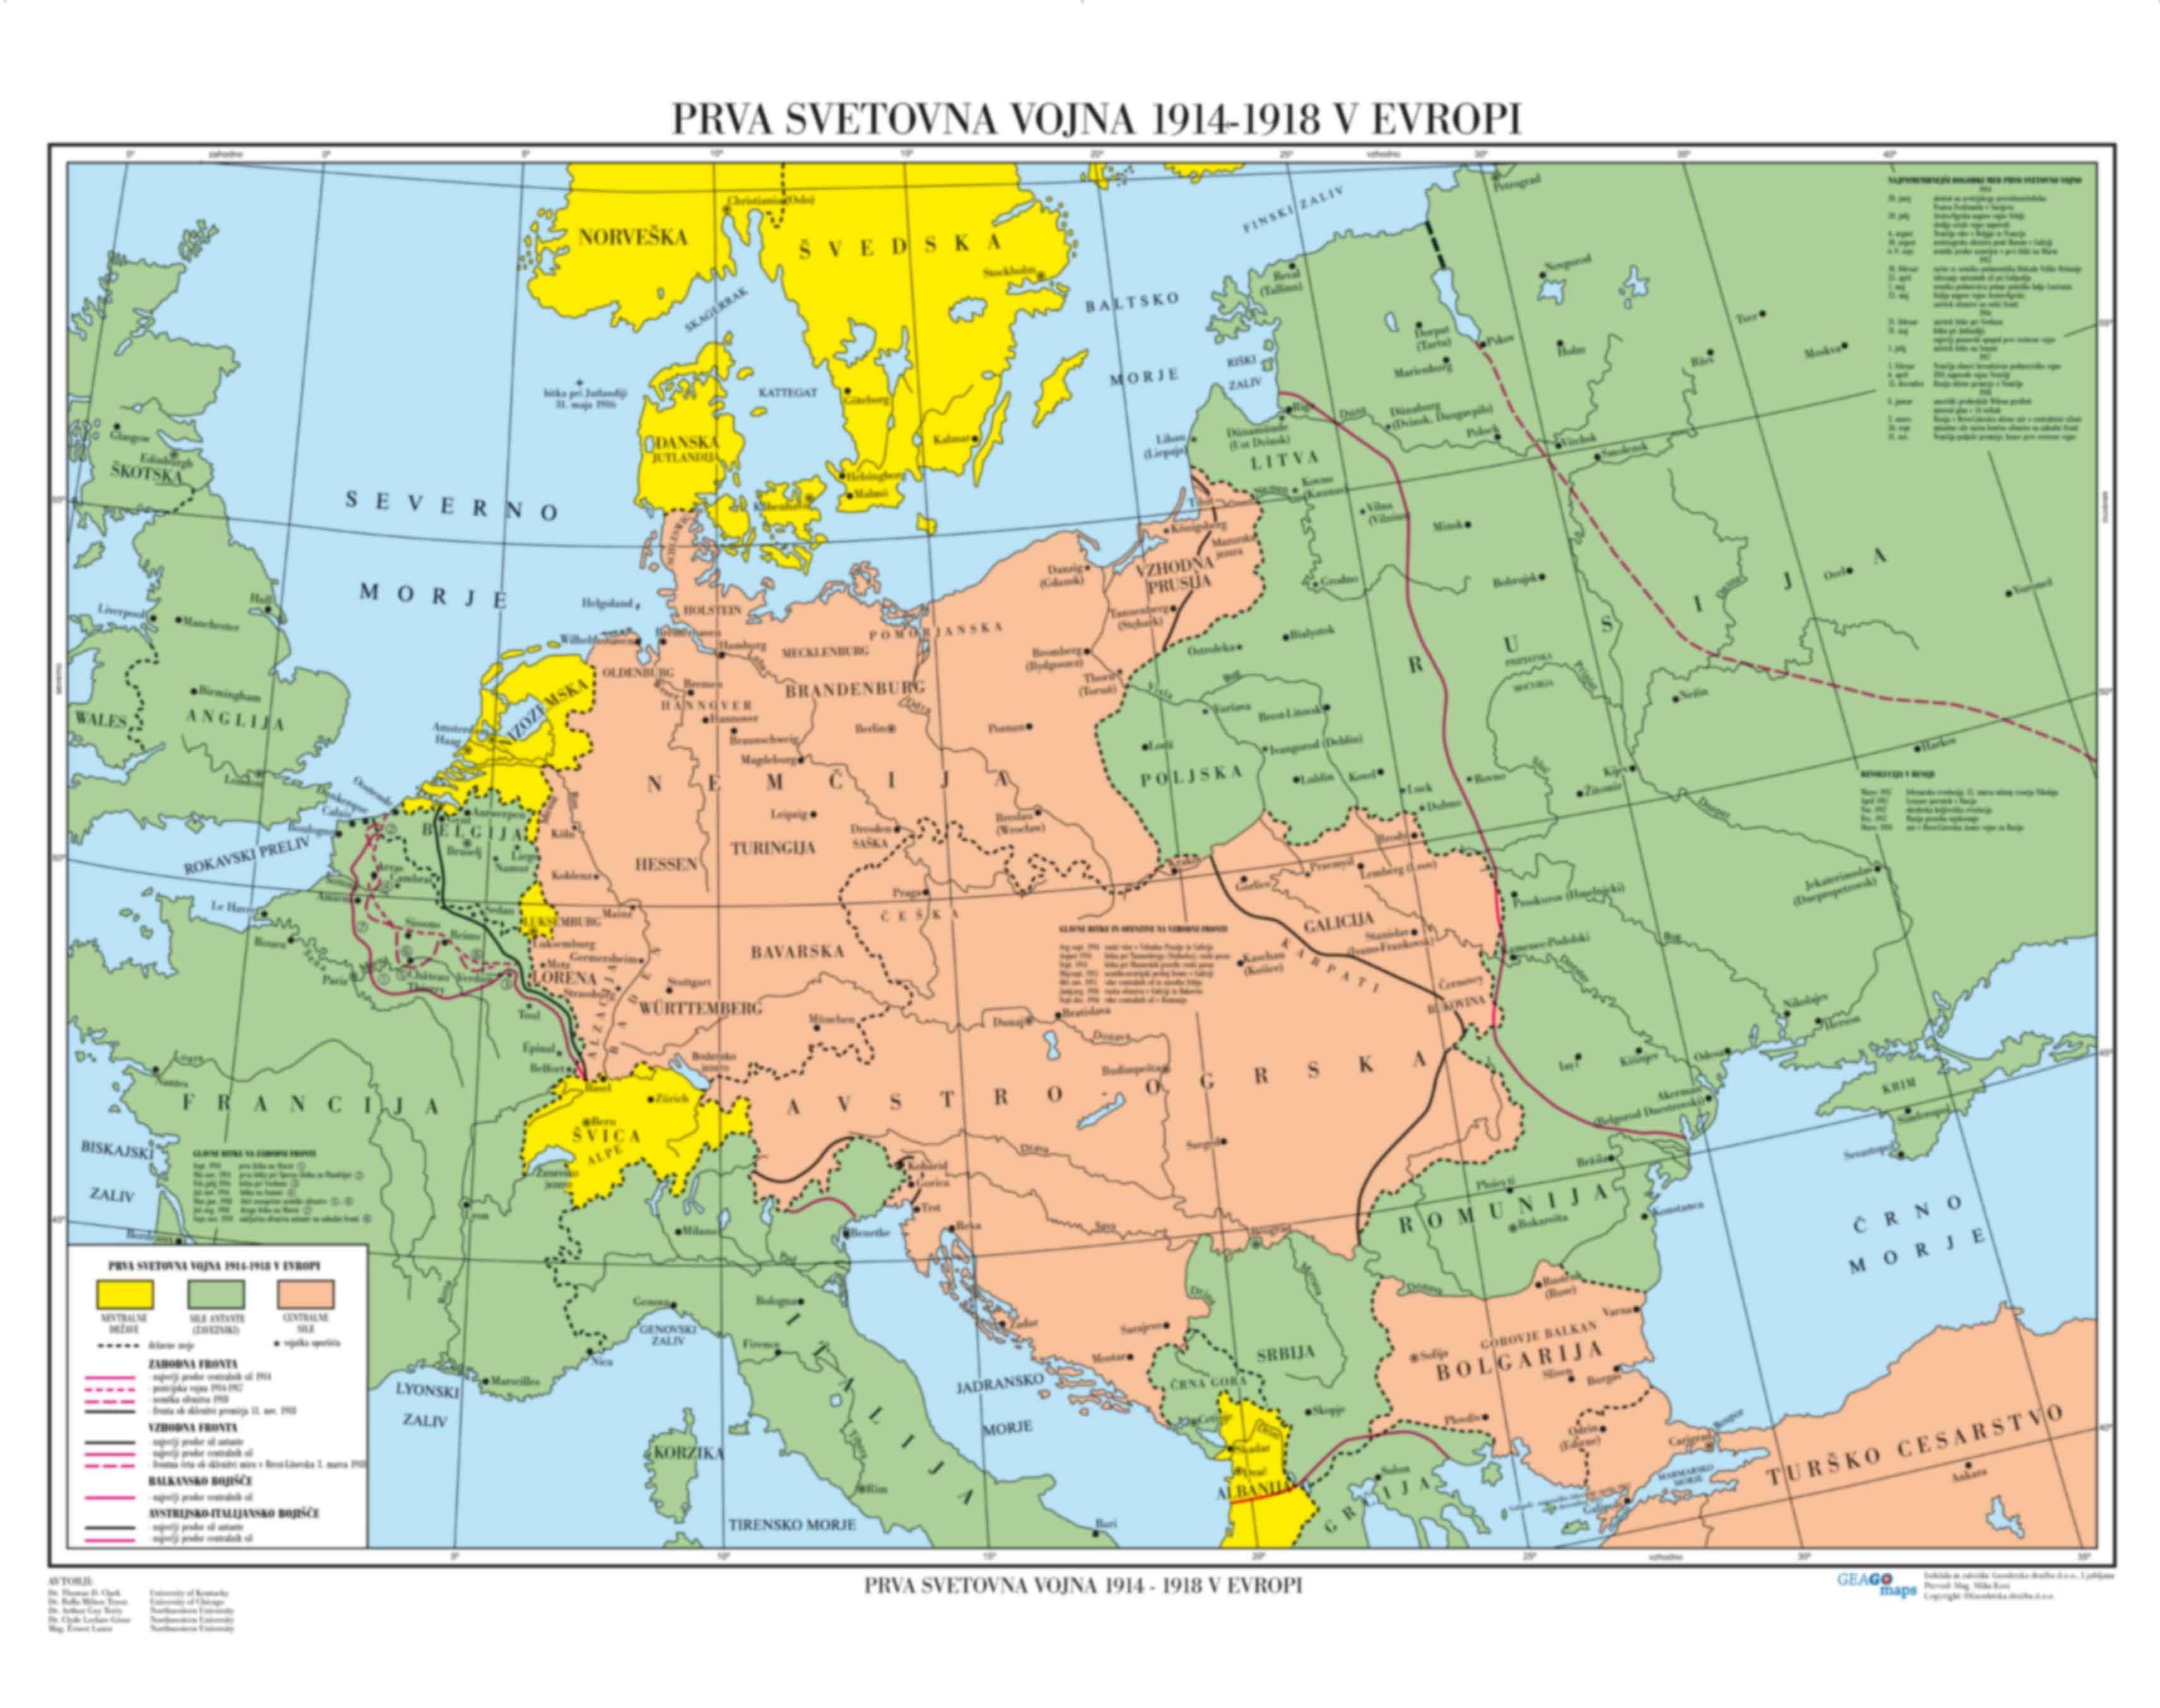 Prva svetovna vojna 1914-1918 v Evropi